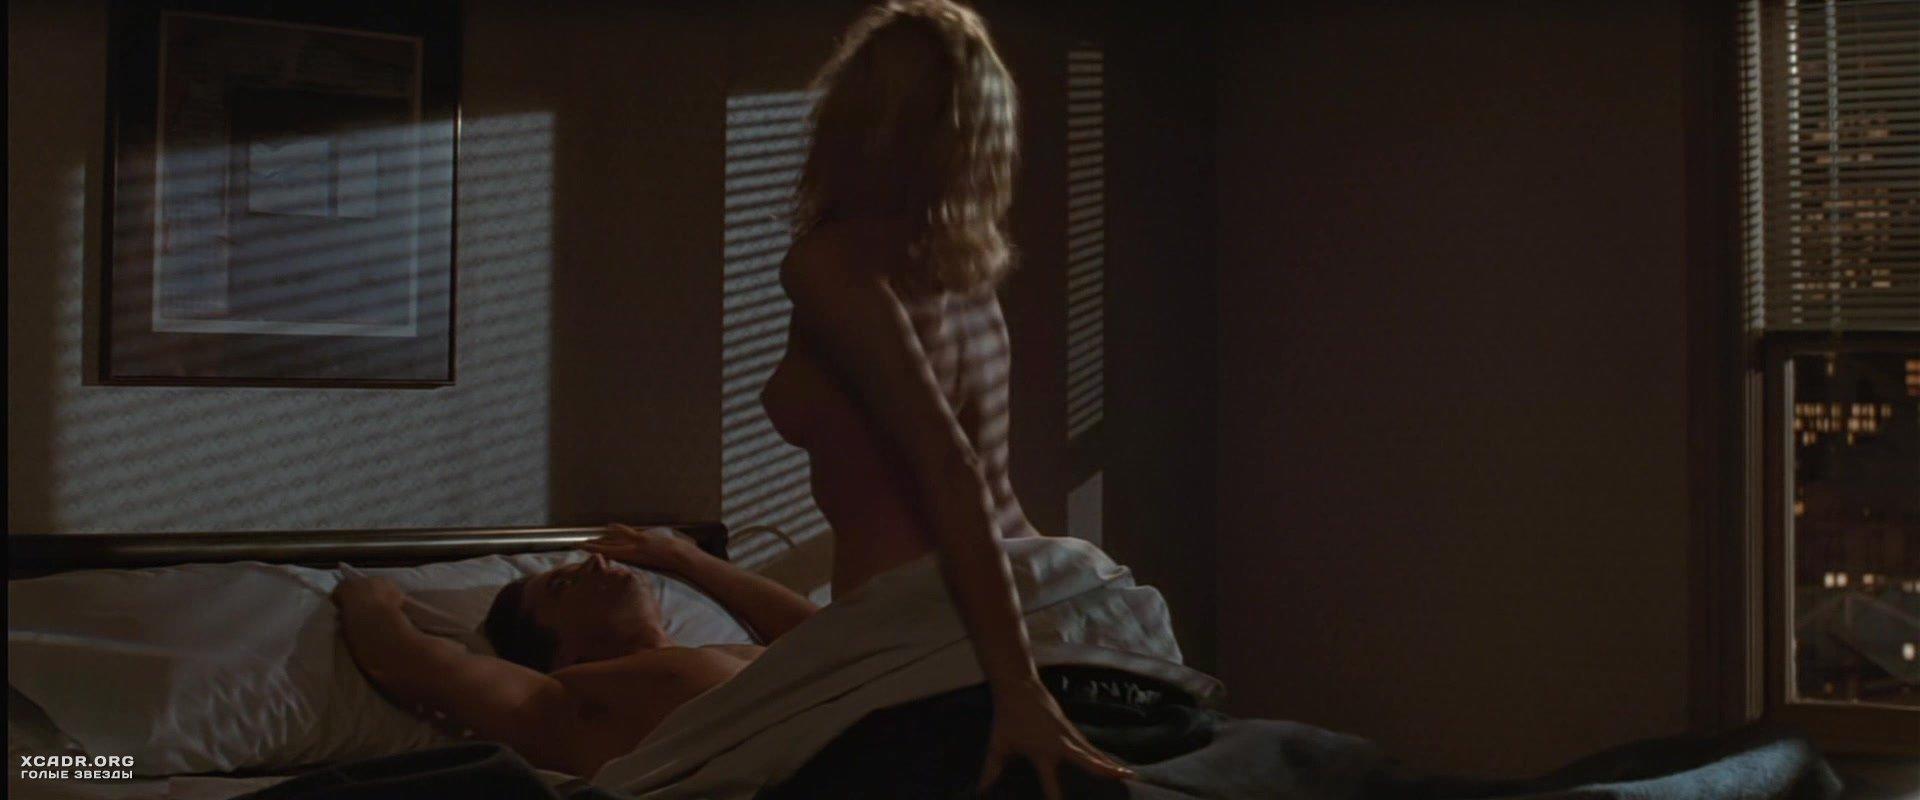 smotret-polnometrazhnie-porno-filmi-so-zrelimi